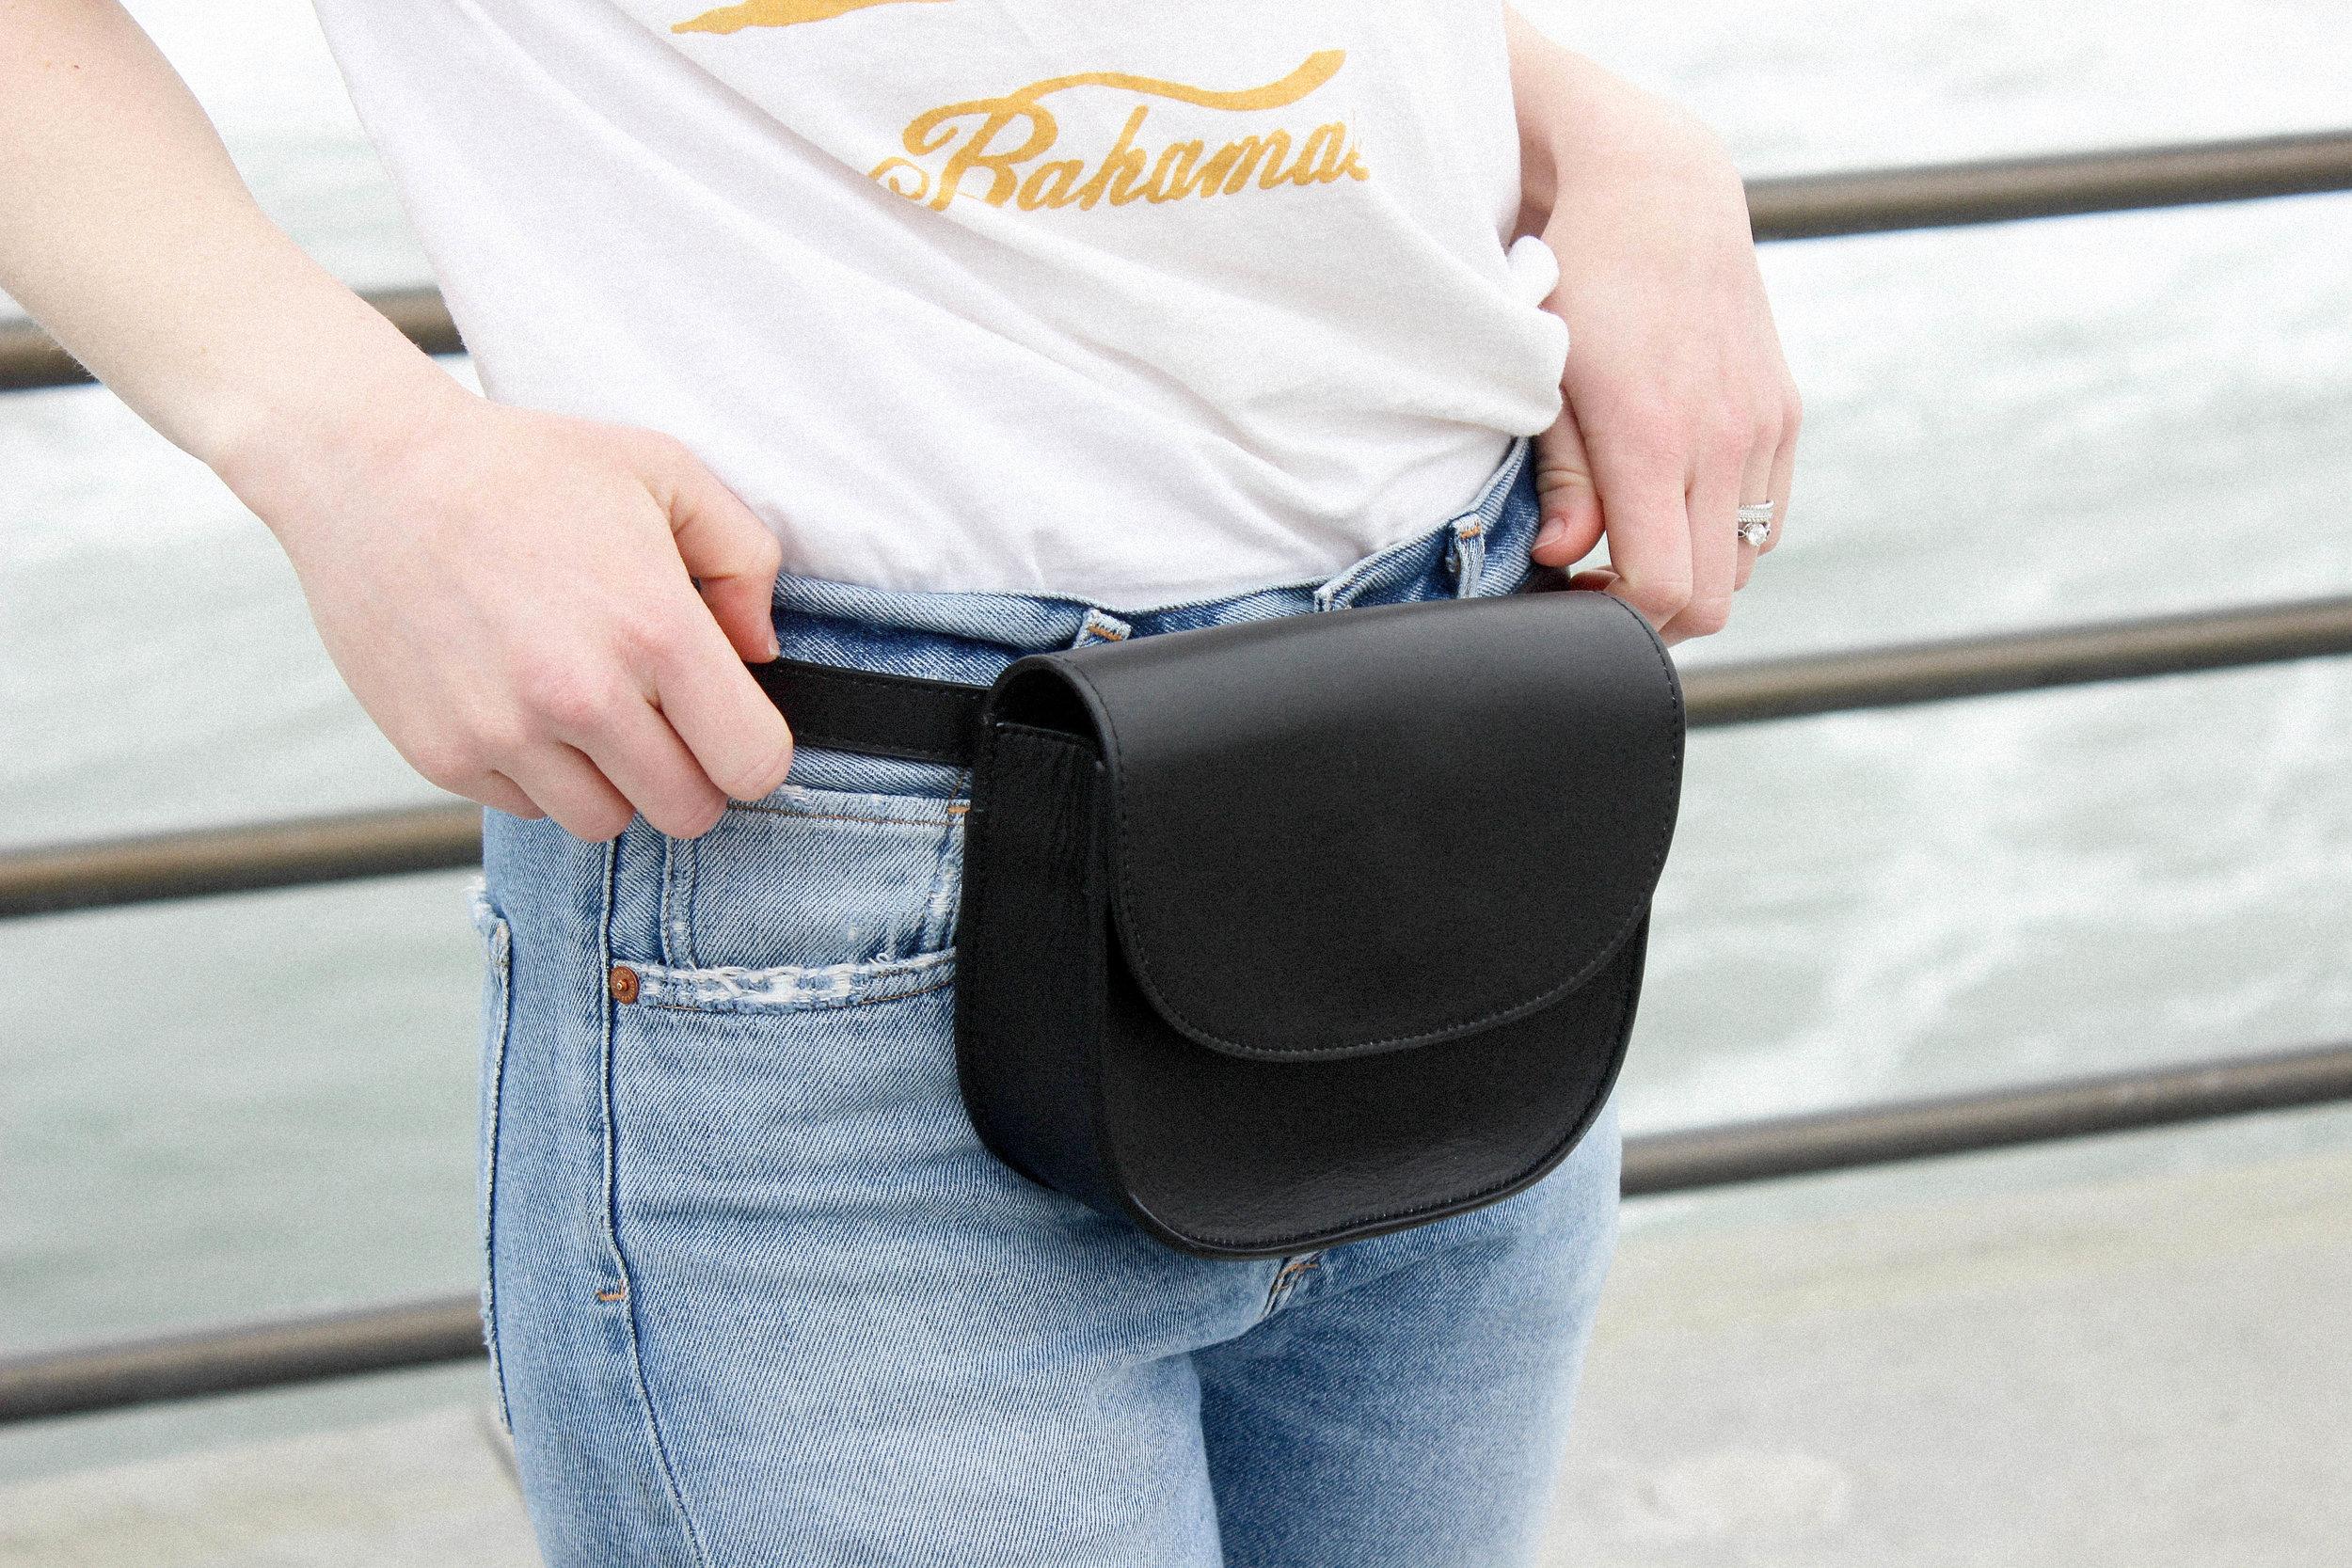 Vintage Tee, Citizens of Humanity Liya Jeans, Kristiina Taylor Belt Bag, and Posse St. Tropez Slides. - TAYLORKRISTIINA.COM